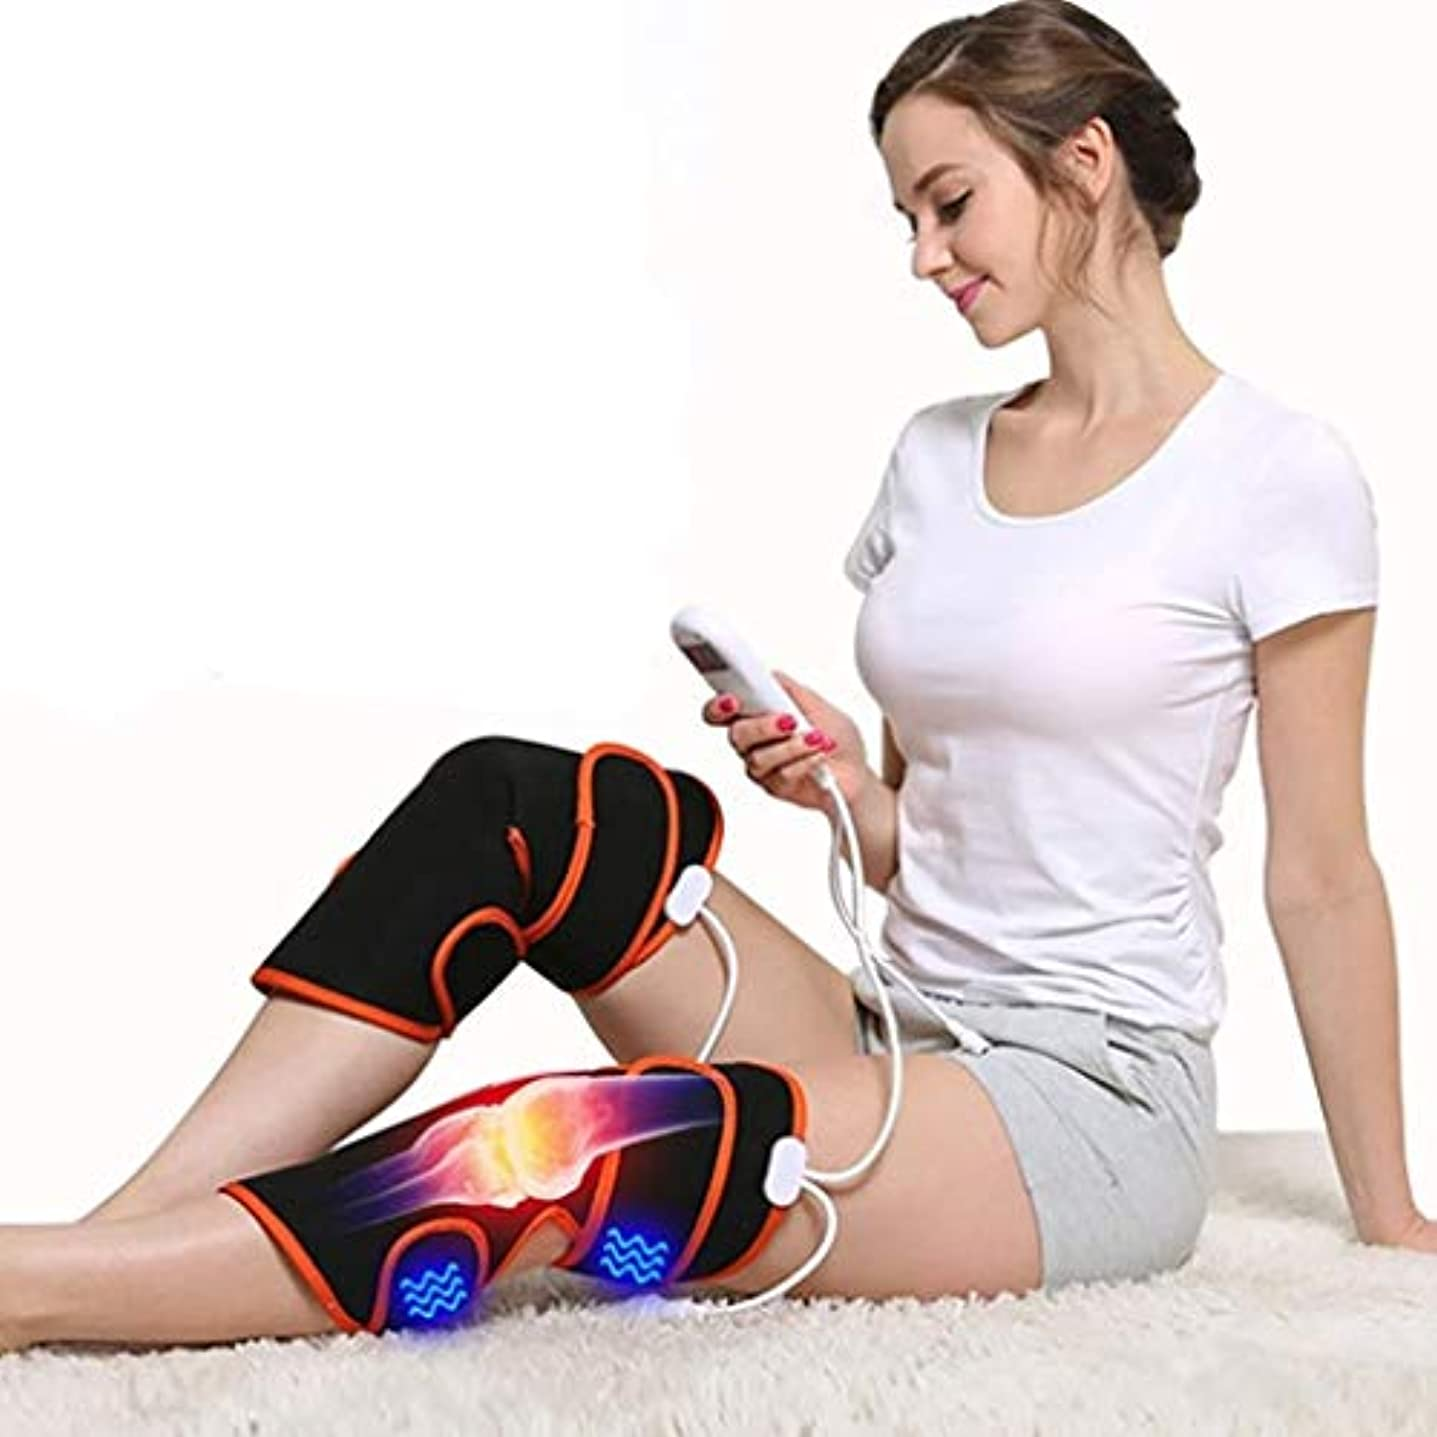 調整する言語学受取人レッグマッサージャー、膝用電熱パッド、9種類のマッサージモードと5種類の調整可能な温かい温熱療法